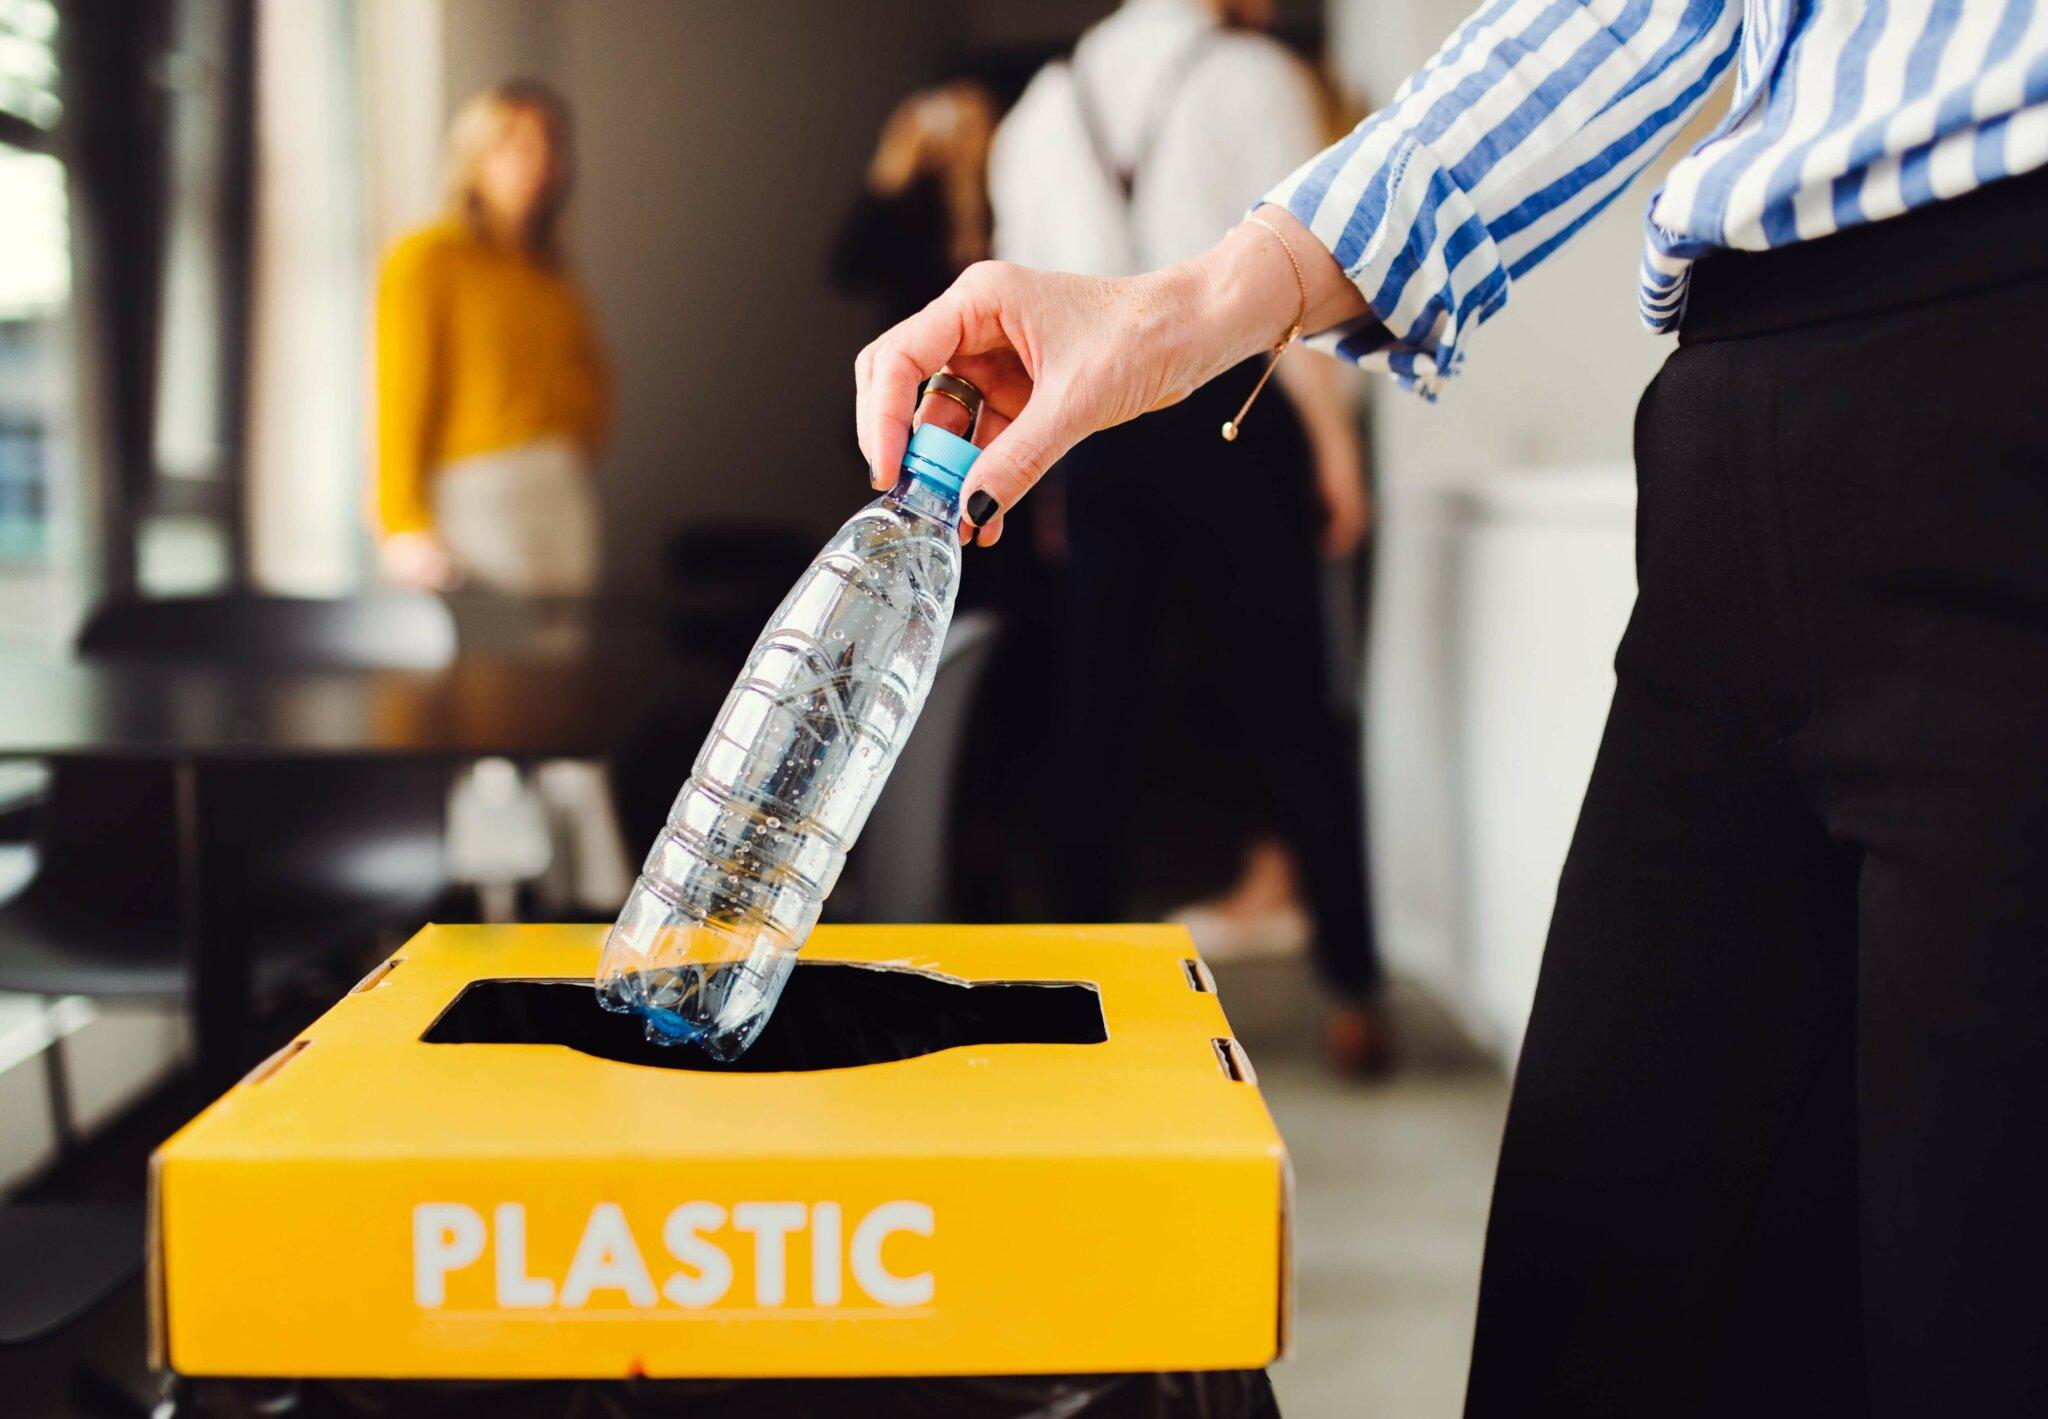 Classificar adequadamente os resíduos em tempos de crise sanitária